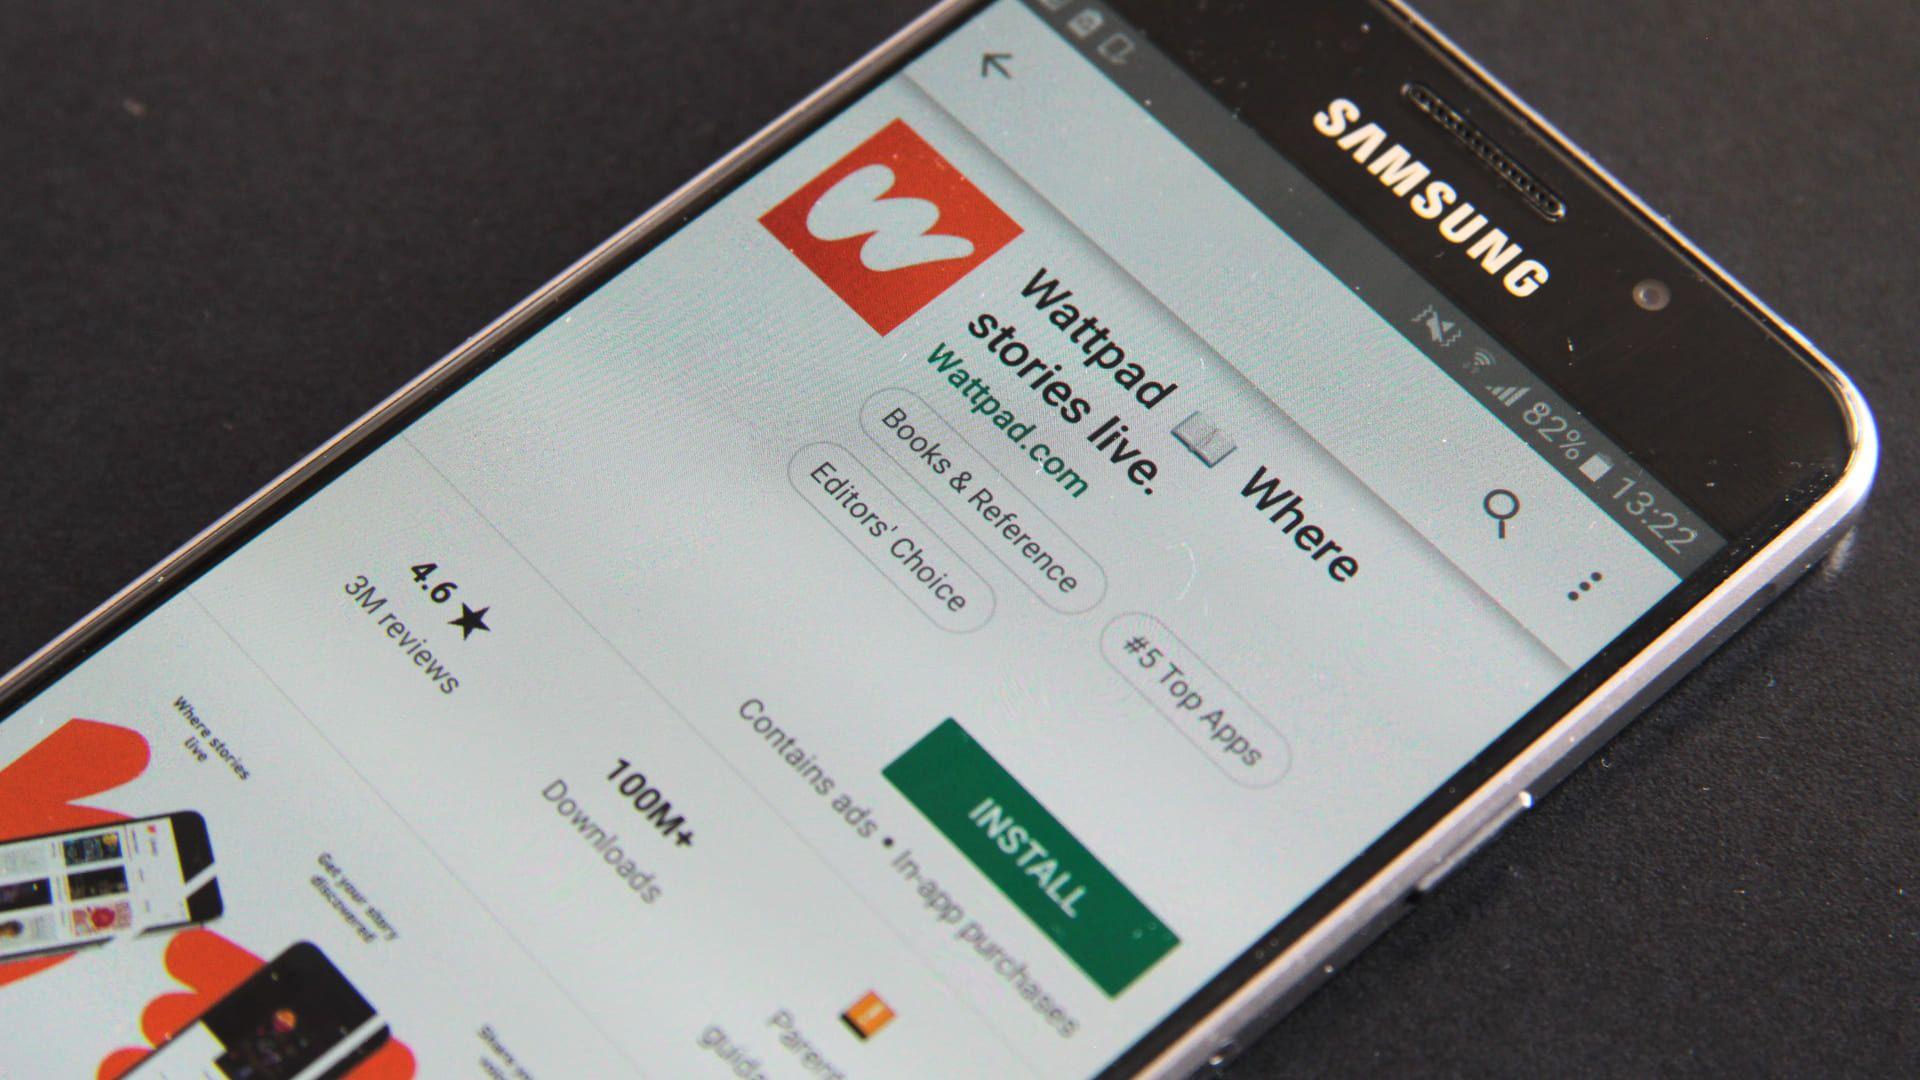 Também é possível criar uma lista de leitura do Wattpad pelo Android (Foto: Shutterstock)